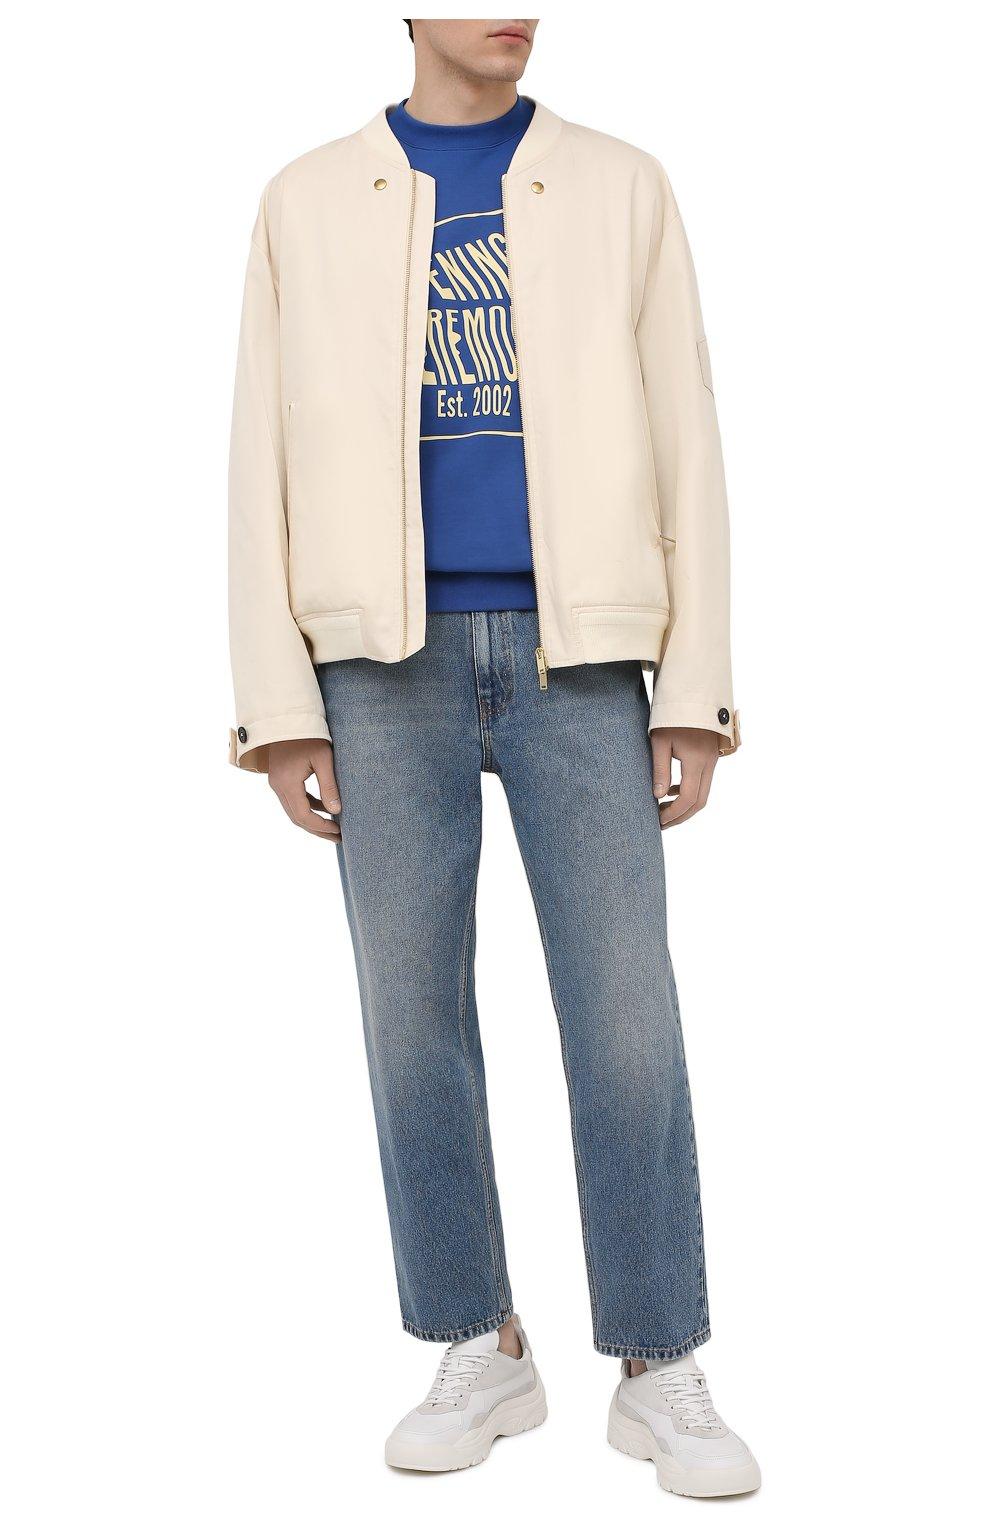 Мужской хлопковый свитшот OPENING CEREMONY синего цвета, арт. YMBA003S21FLE001 | Фото 2 (Рукава: Длинные; Длина (для топов): Стандартные; Стили: Гранж; Принт: С принтом; Мужское Кросс-КТ: свитшот-одежда; Материал внешний: Хлопок)